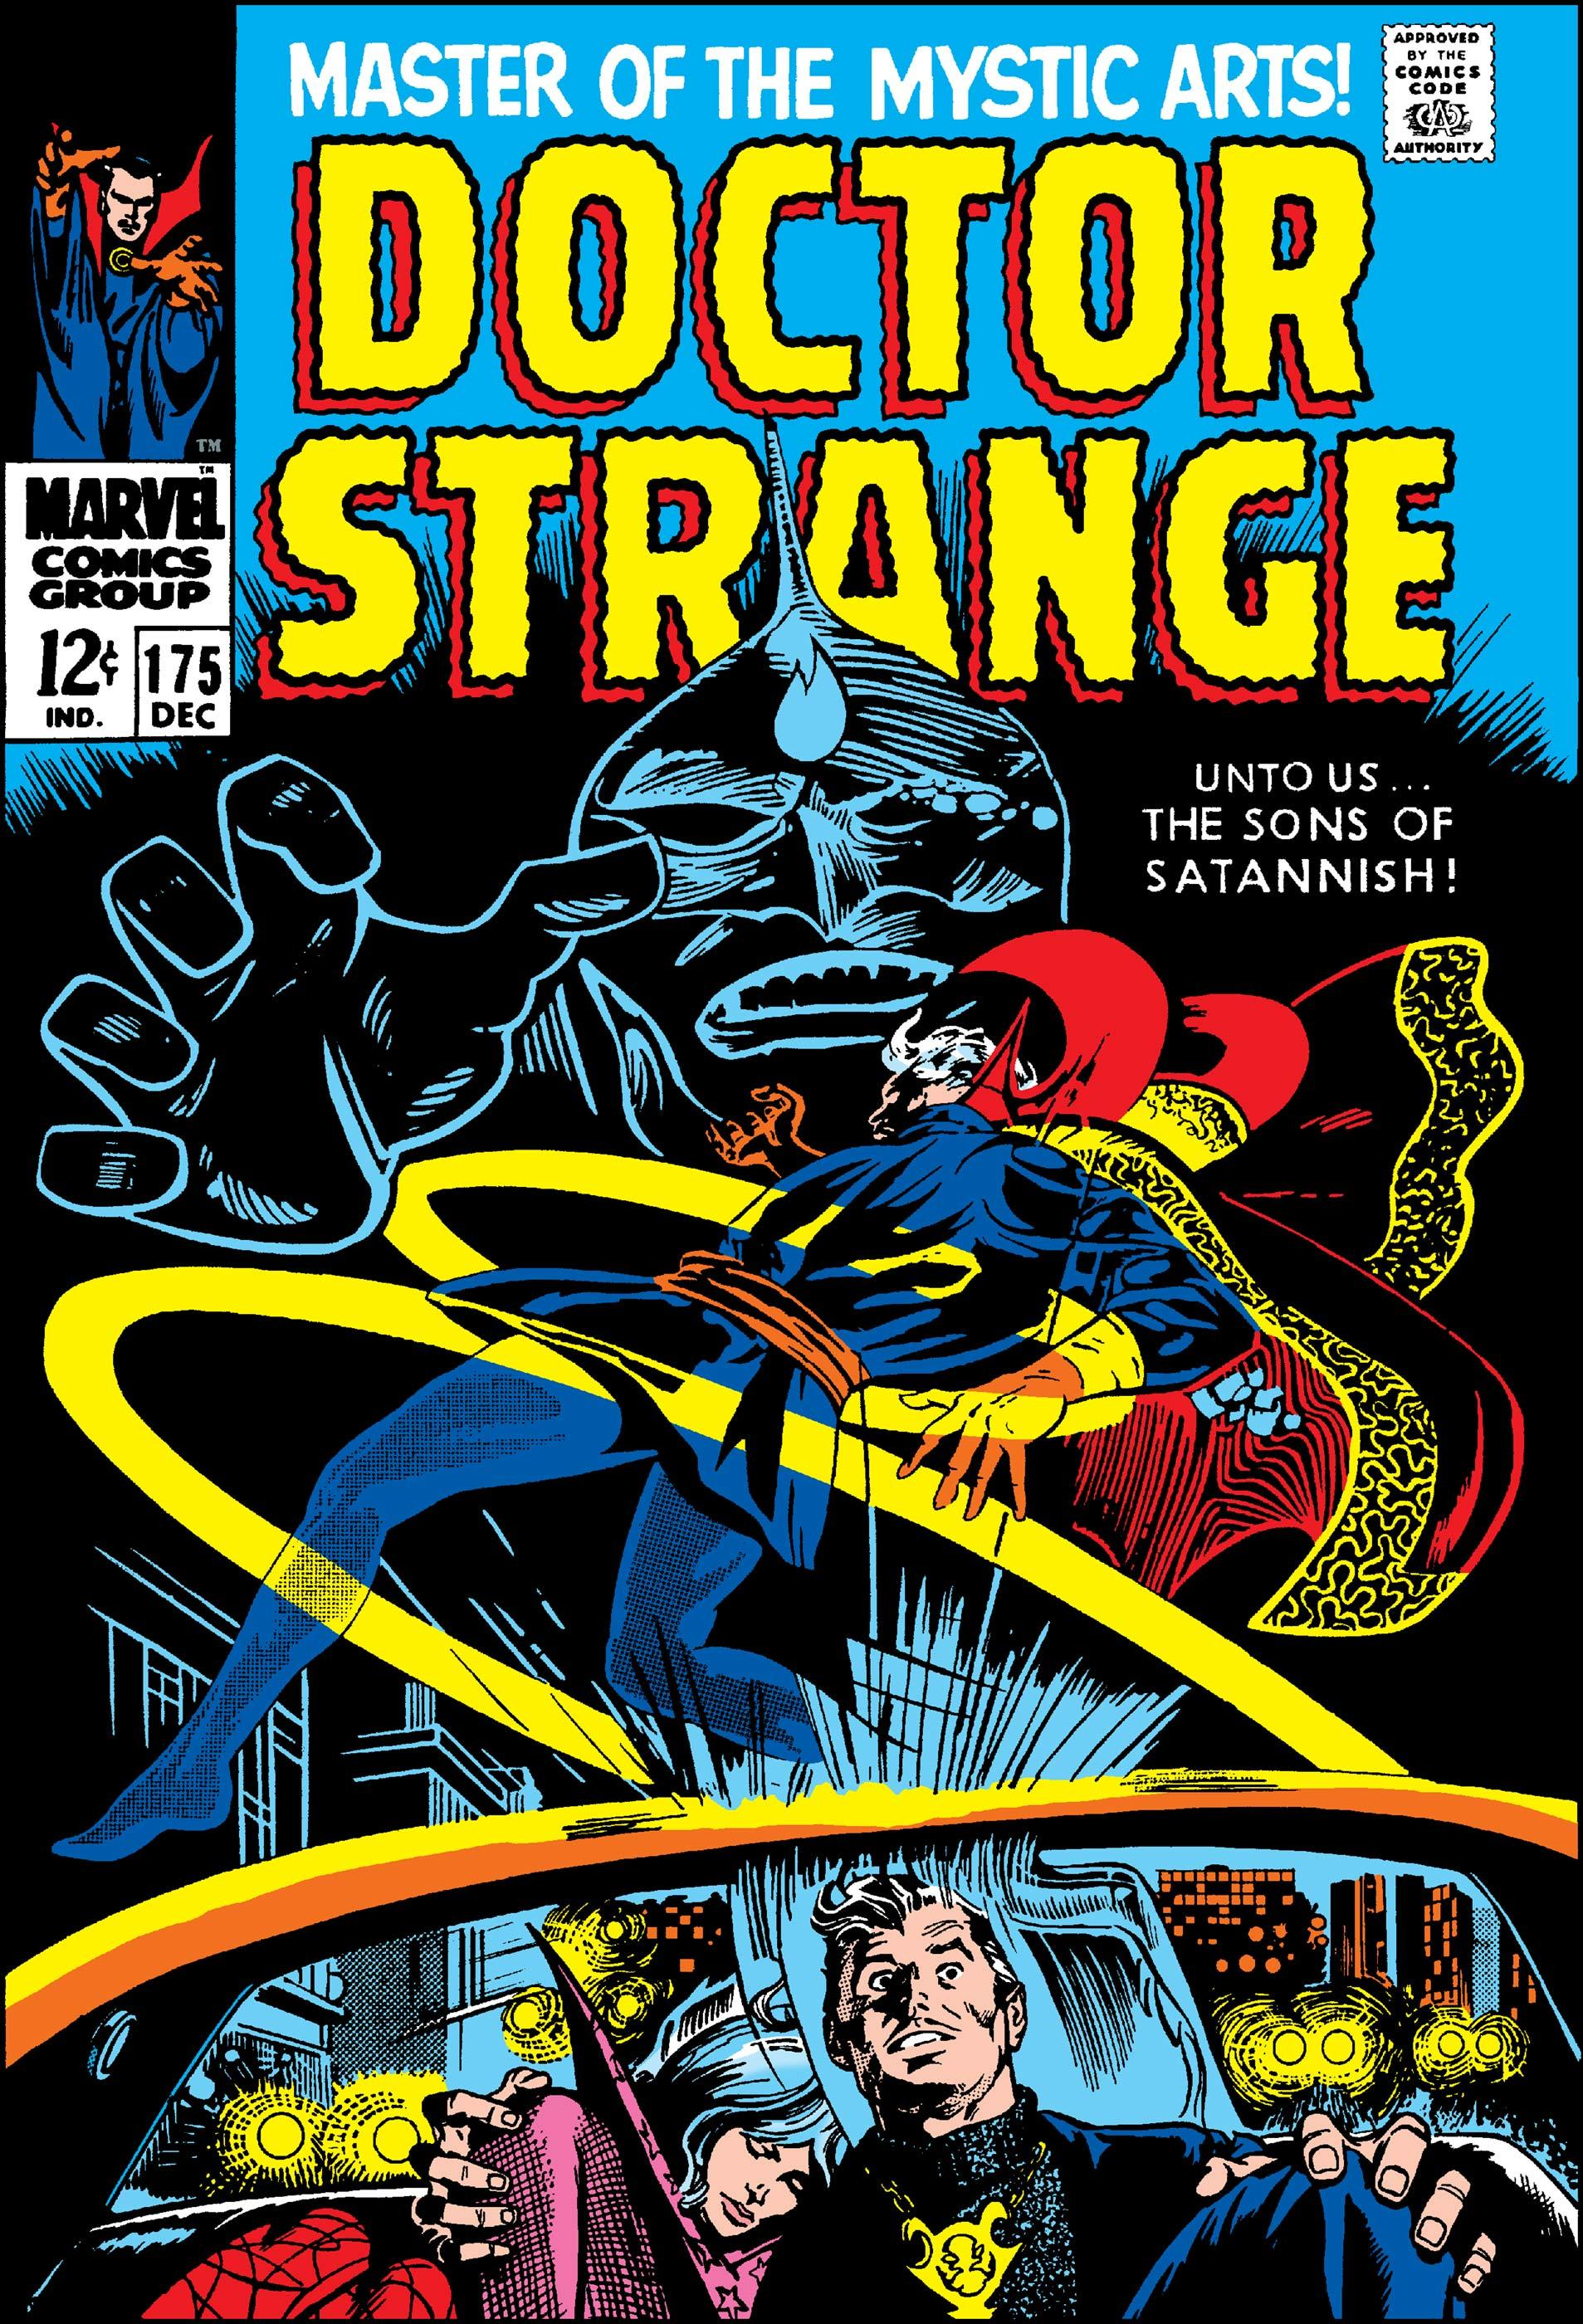 DOCTOR STRANGE #175